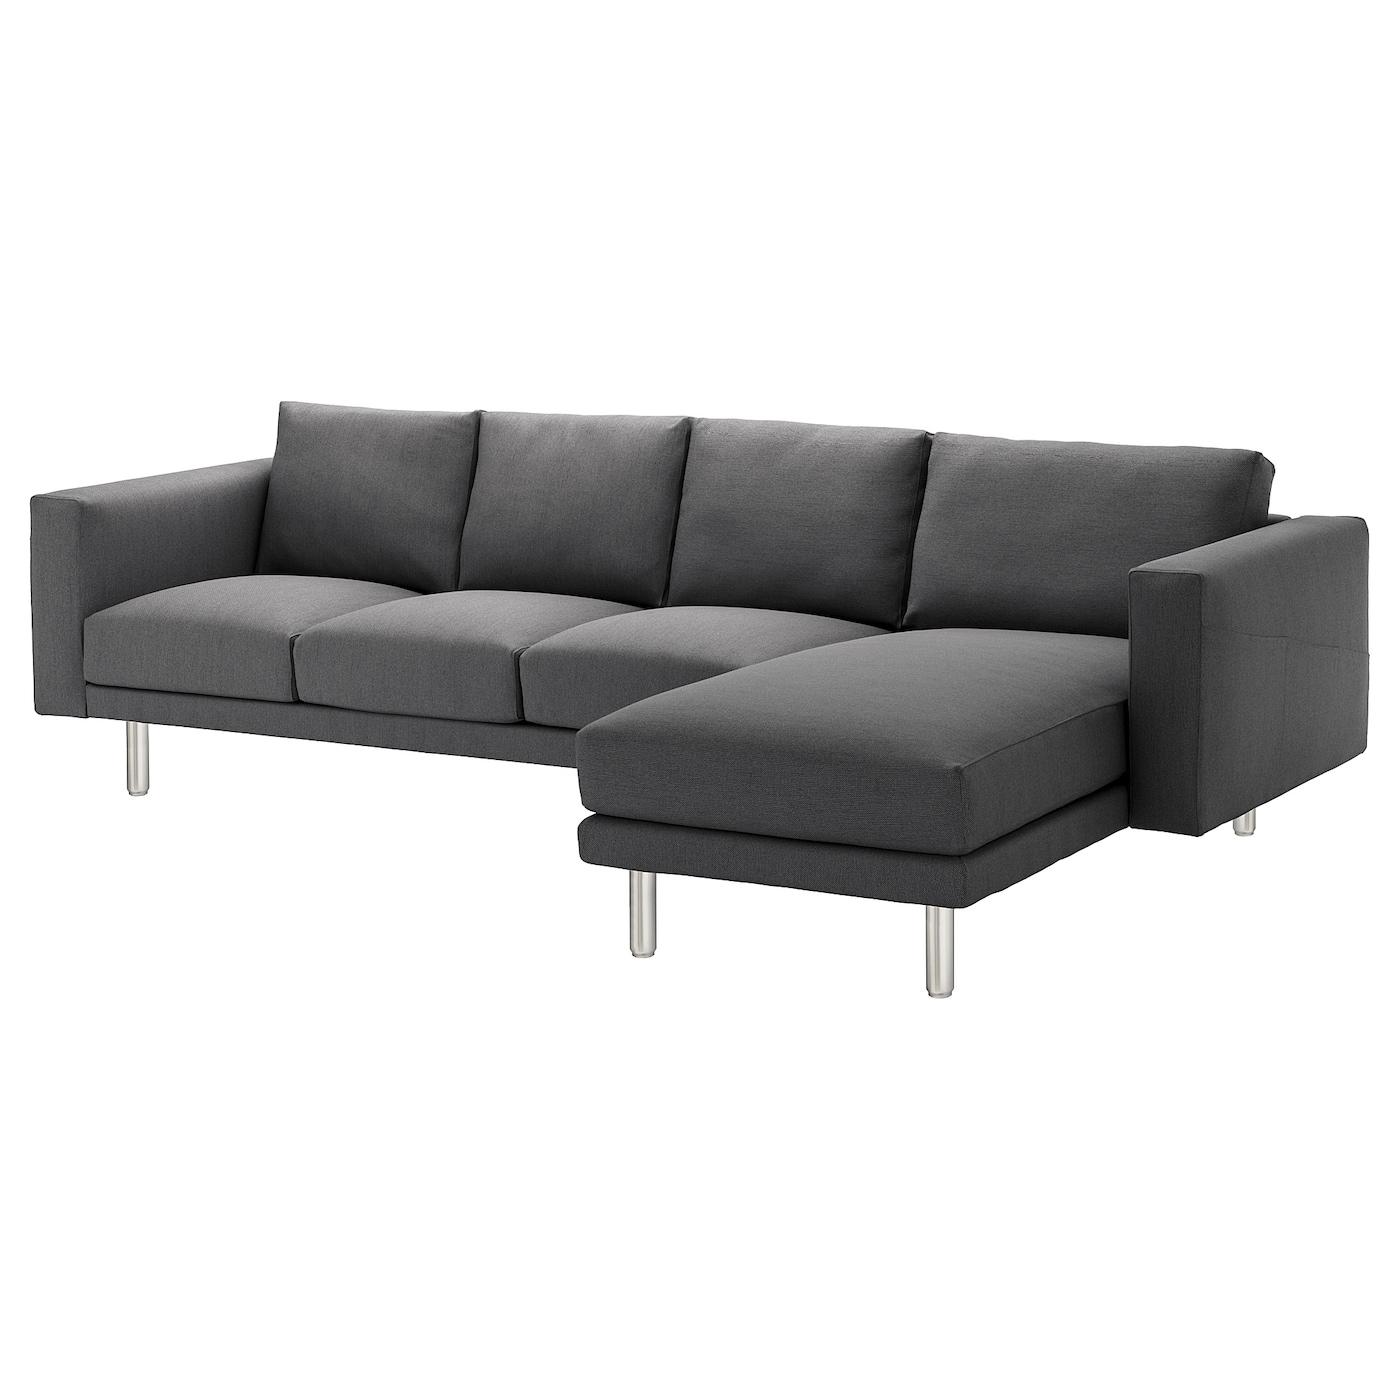 was ist recamiere best sofa mit new elegant mazzotti ist ein tolles designer sofa von divano. Black Bedroom Furniture Sets. Home Design Ideas